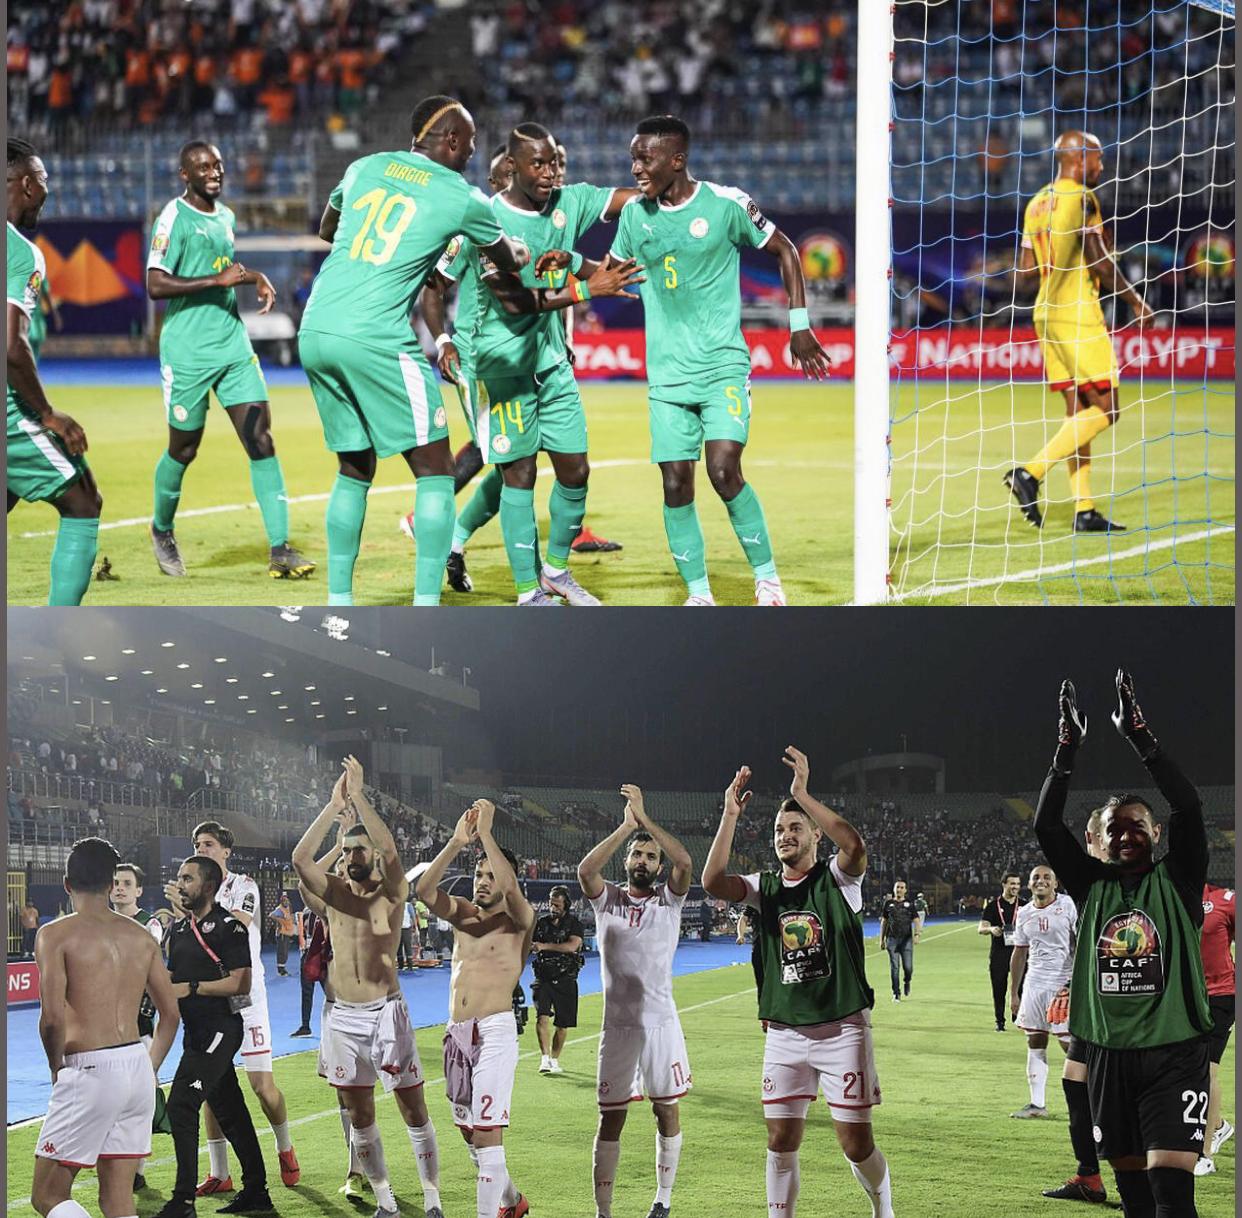 """CAN 2019 / Historique des chocs Sénégal - Tunisie : Duels équilibrés entre """"Lions"""" et """"Aigles"""", 3 nuls et une victoire de chaque côté"""